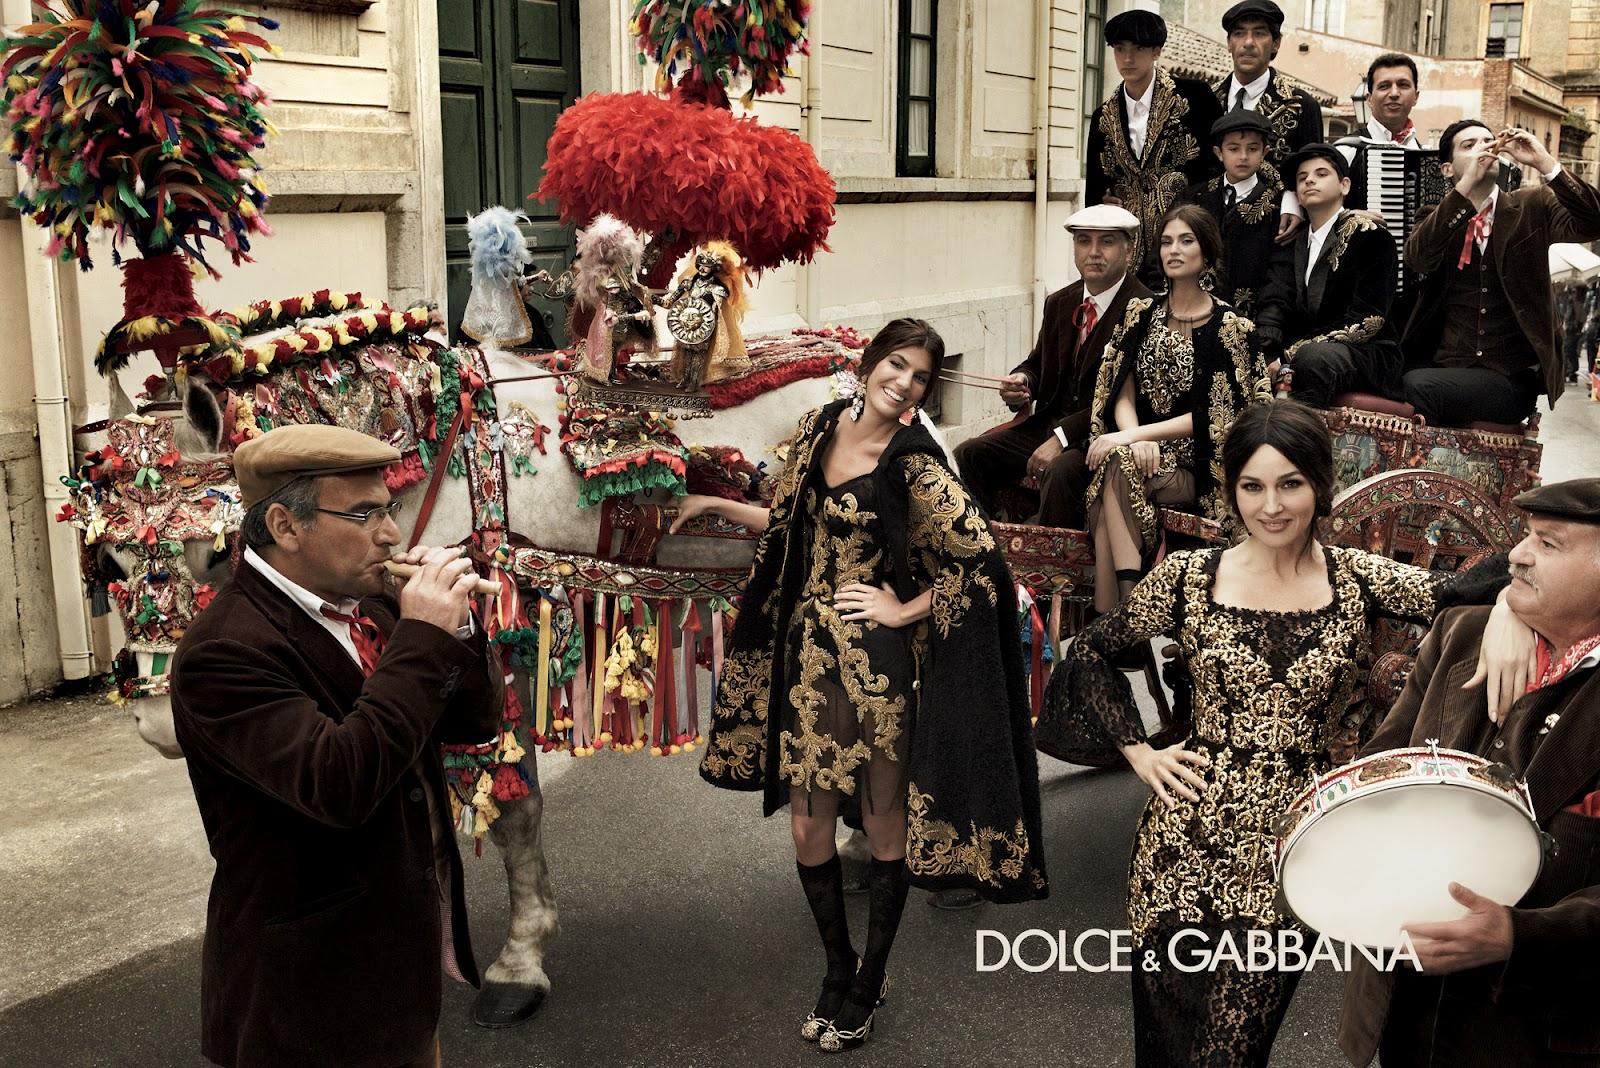 dolce-gabbana-adv-campaign-fw-2013-women-08